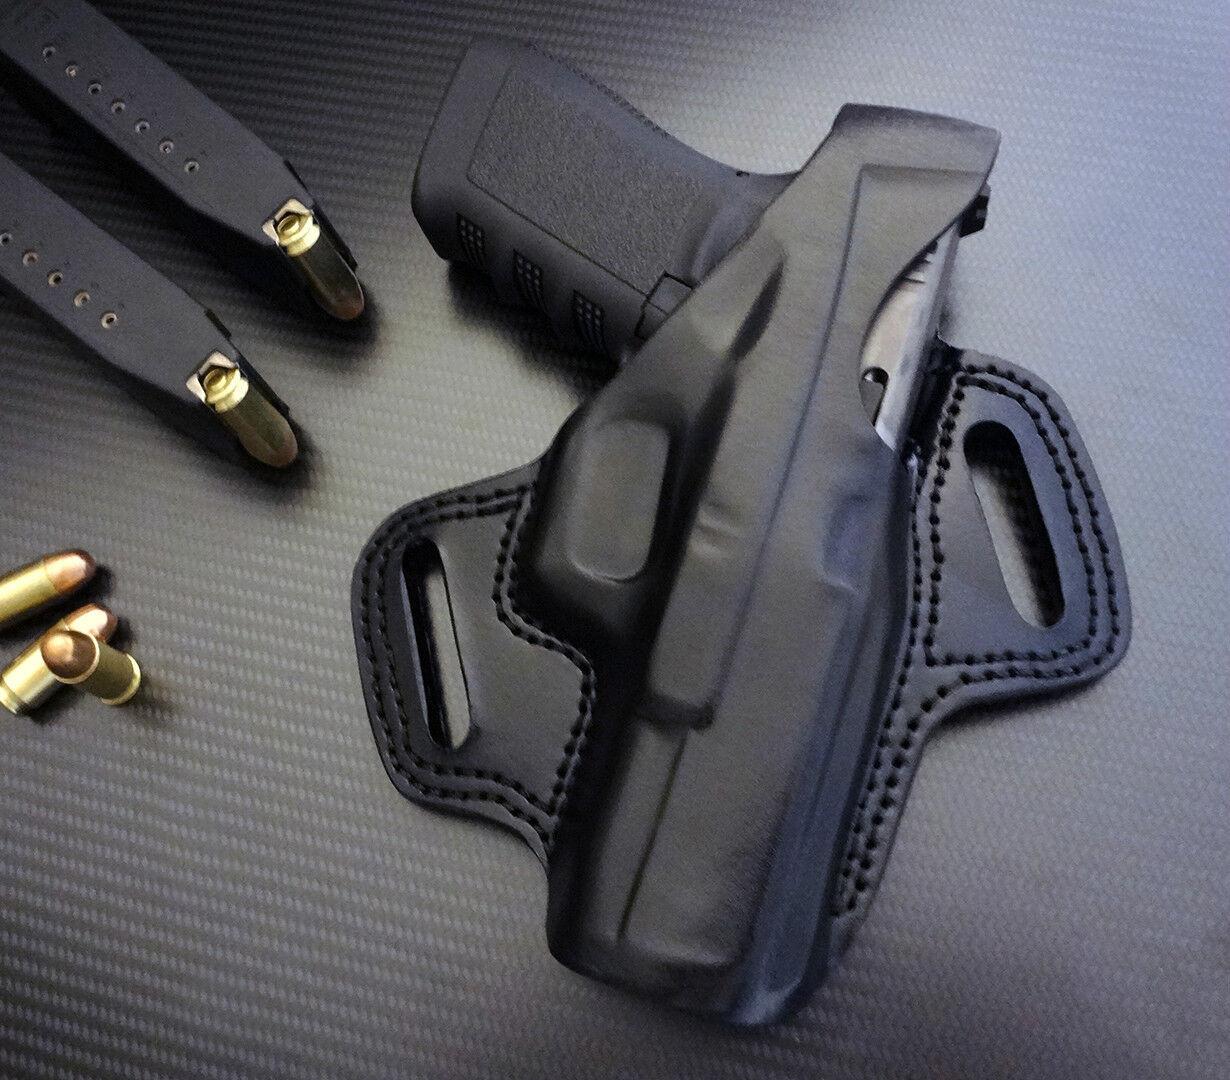 Fits Glock 17,19,22,23,31,32,34,35,37,38 extension pearl skull on black plastic